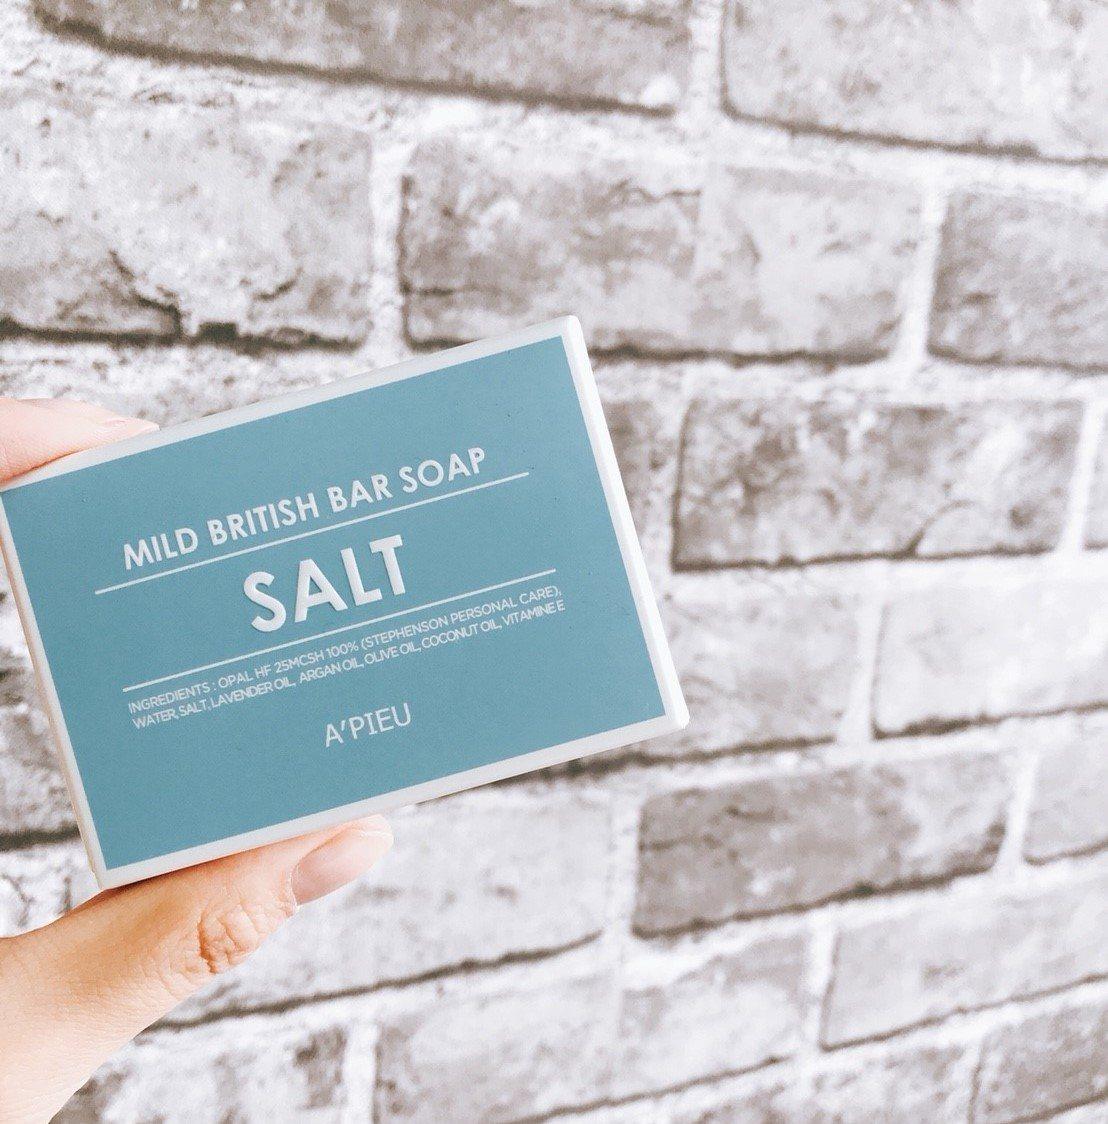 如果你是外油內乾的混和肌,那女神會推薦這塊藍色海鹽皂。海鹽含有大量且豐富的礦物質,皮膚的大小問題都能一塊解決喔!